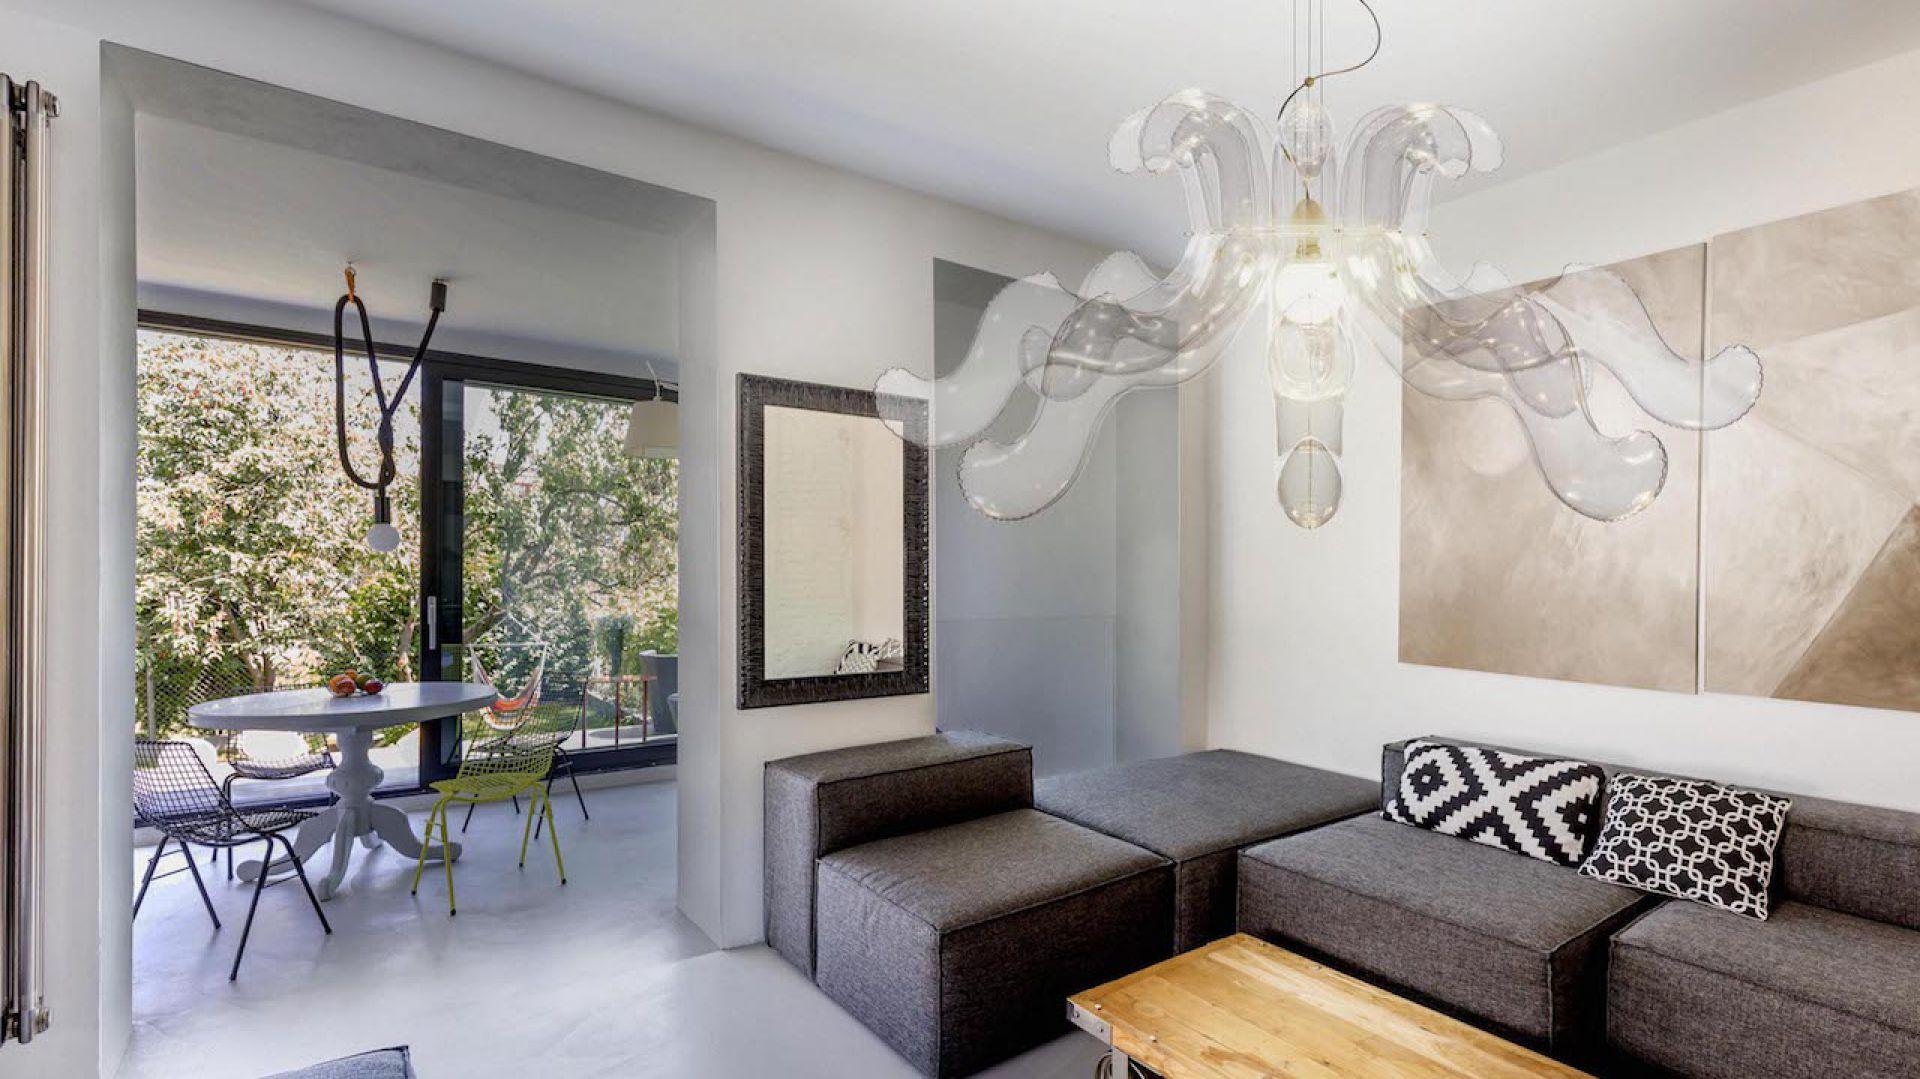 Lampa Lullaby jest inspirowana barokowymi formami oraz żyrandolami ze szkła Murano. Tak jak w przypadku wszystkich projektów Puff-Buff, tradycyjne szkło zastąpił wypełniany powietrzem winyl, który jest przezroczysty, elastyczny i lekki. Żyrandol Lullaby. Fot. Puff-Buff